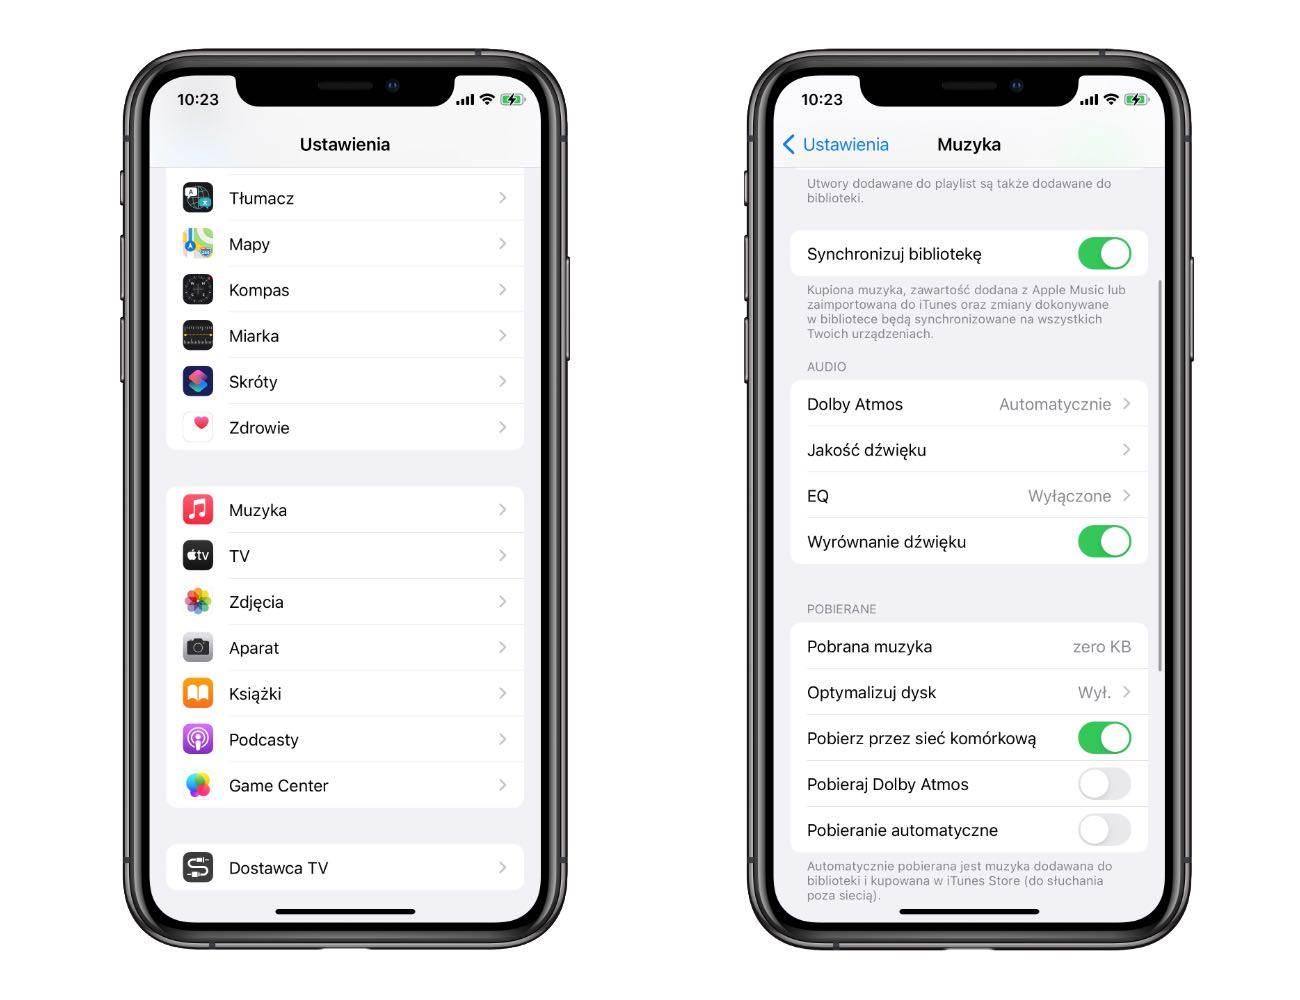 Dźwięk Lossless i Dolby Atmos oficjalnie dostępny w Apple Music. Jak włączyć funkcję? polecane, ciekawostki lossless, jak właczyć dżwięk przestrzenny, jak włączyć dźwięk lossless w Apple Music, bezstratna jakość dzwięku, Apple music  Firma Apple oficjalnie uruchomiła obsługę dźwięku przestrzennego i dźwięku bezstratnego w Apple Music. Zobacz jak uruchomić nowość na Twoim iPhone i iPad. losses 1